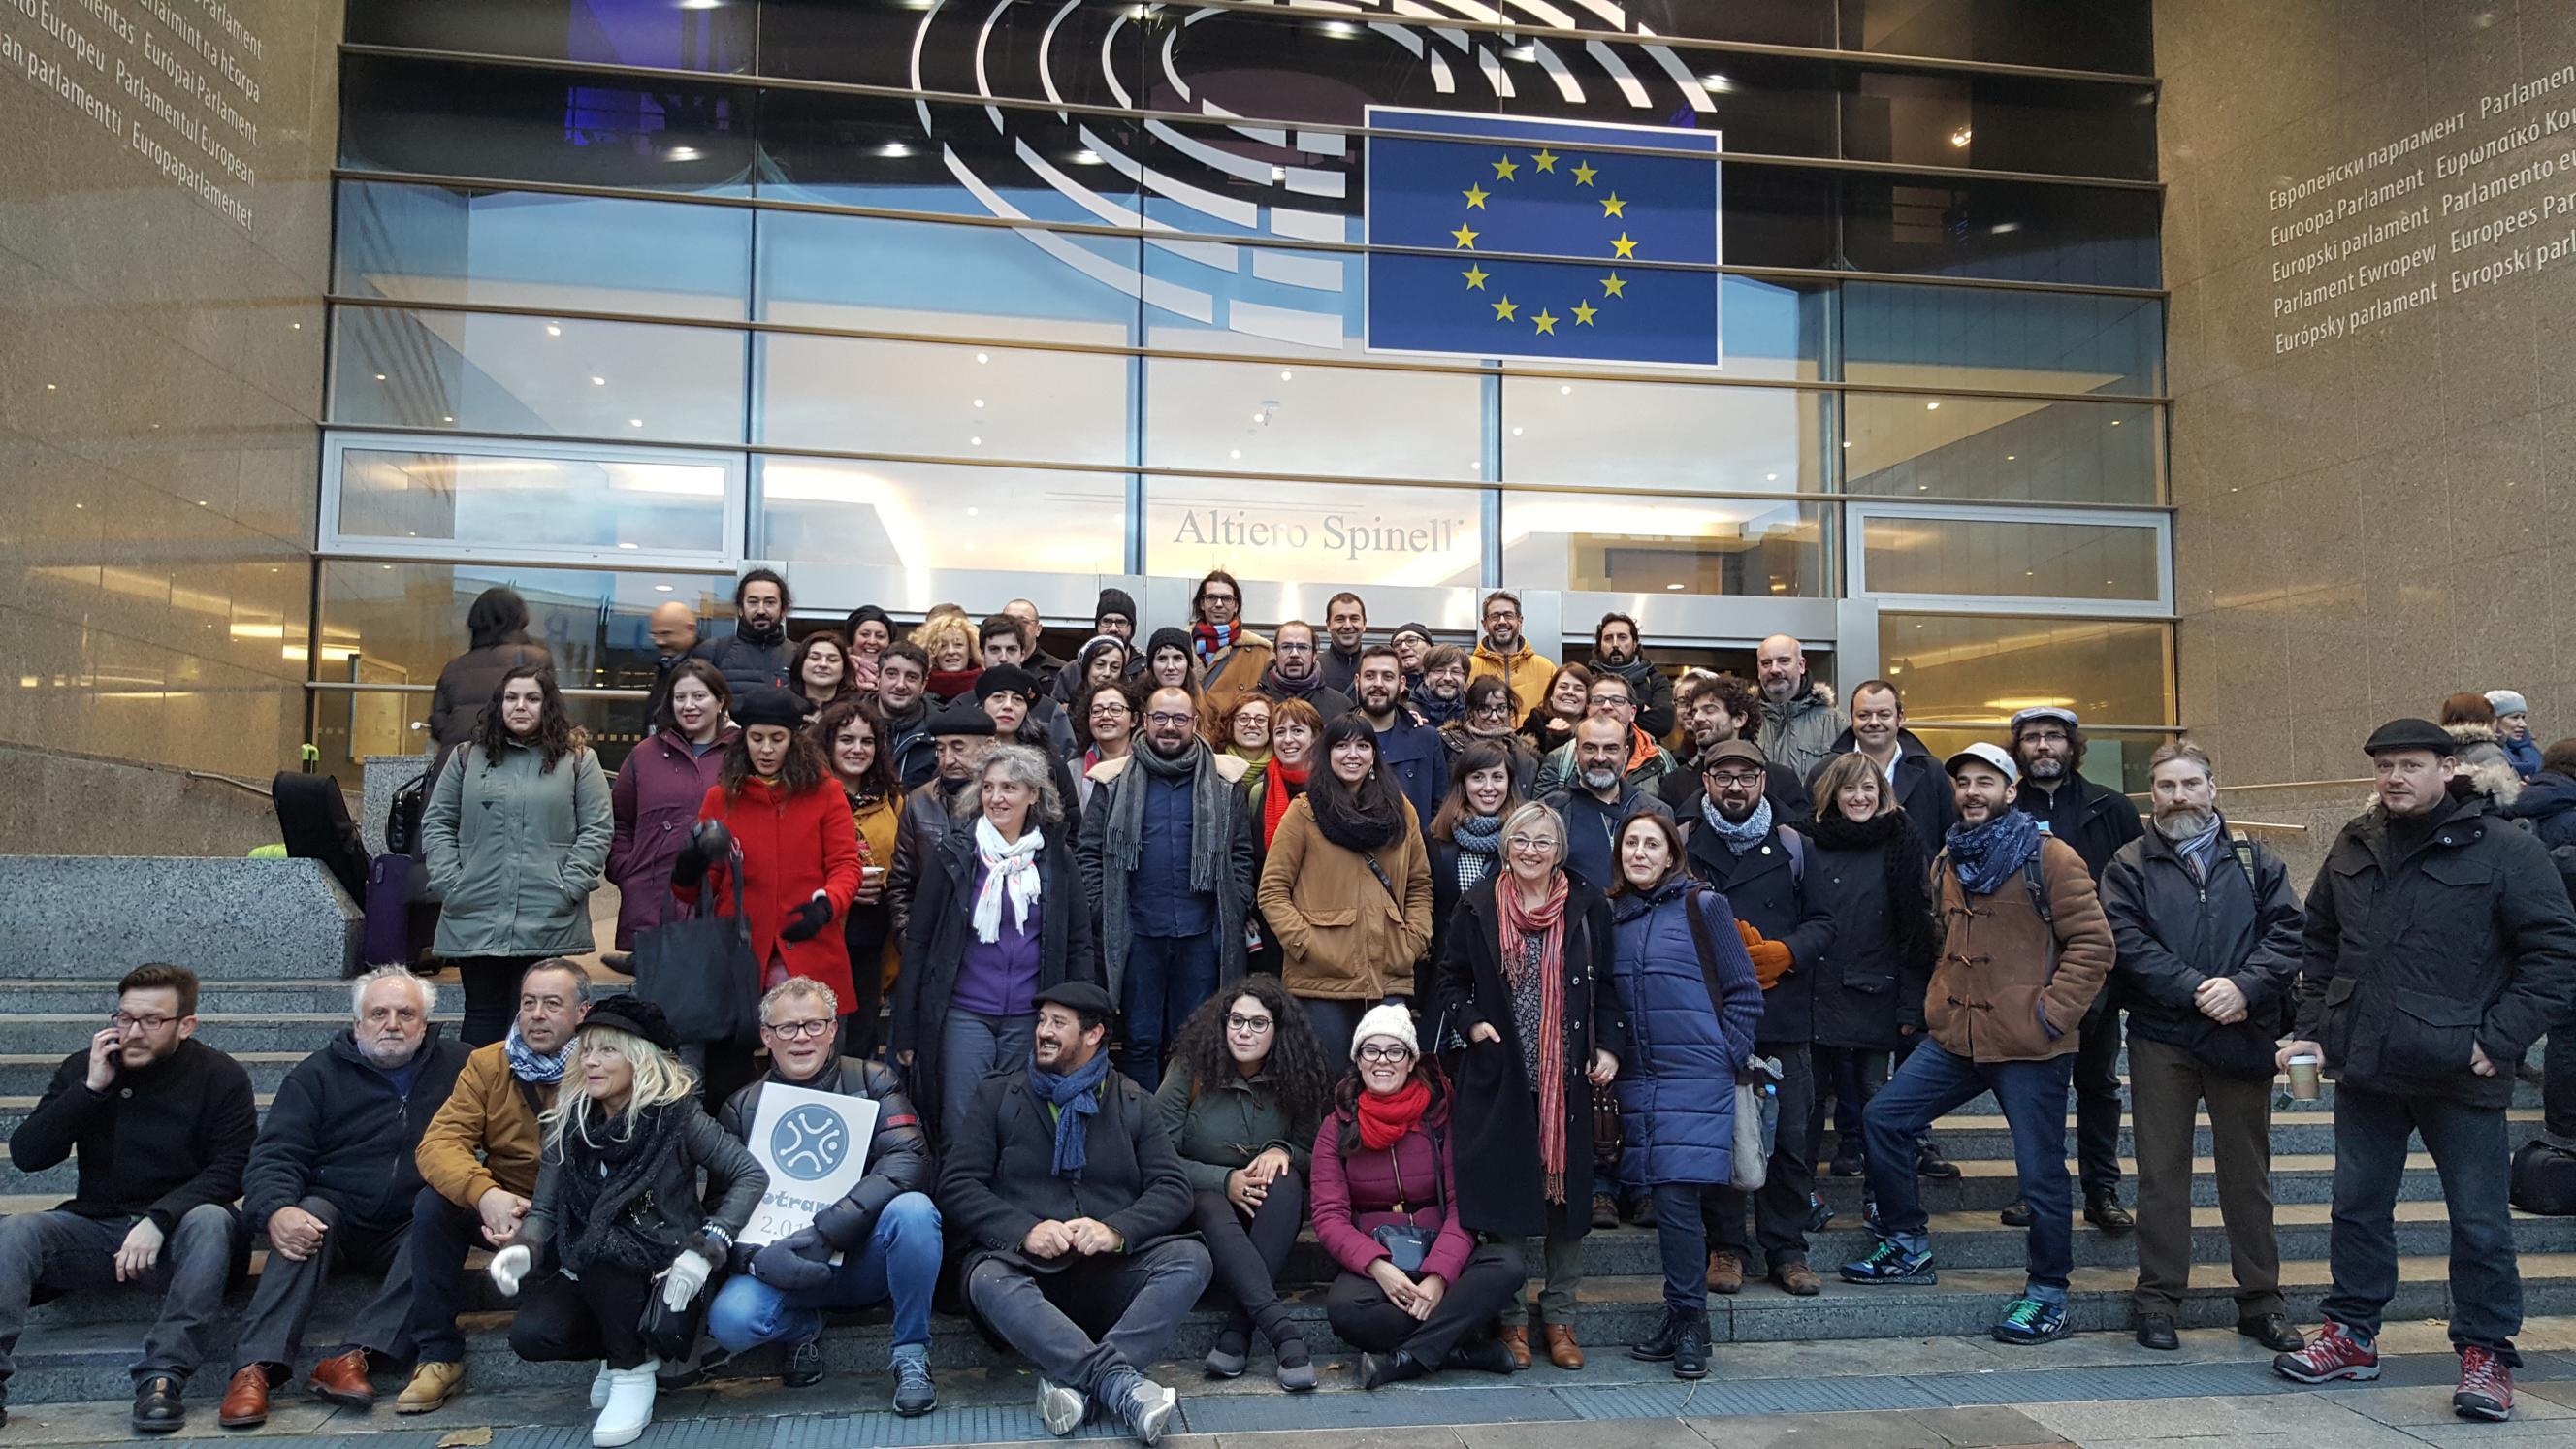 foto-grupo-cultura-diante-do-parlamento-europeo-con-lidia-senra_2656x1494